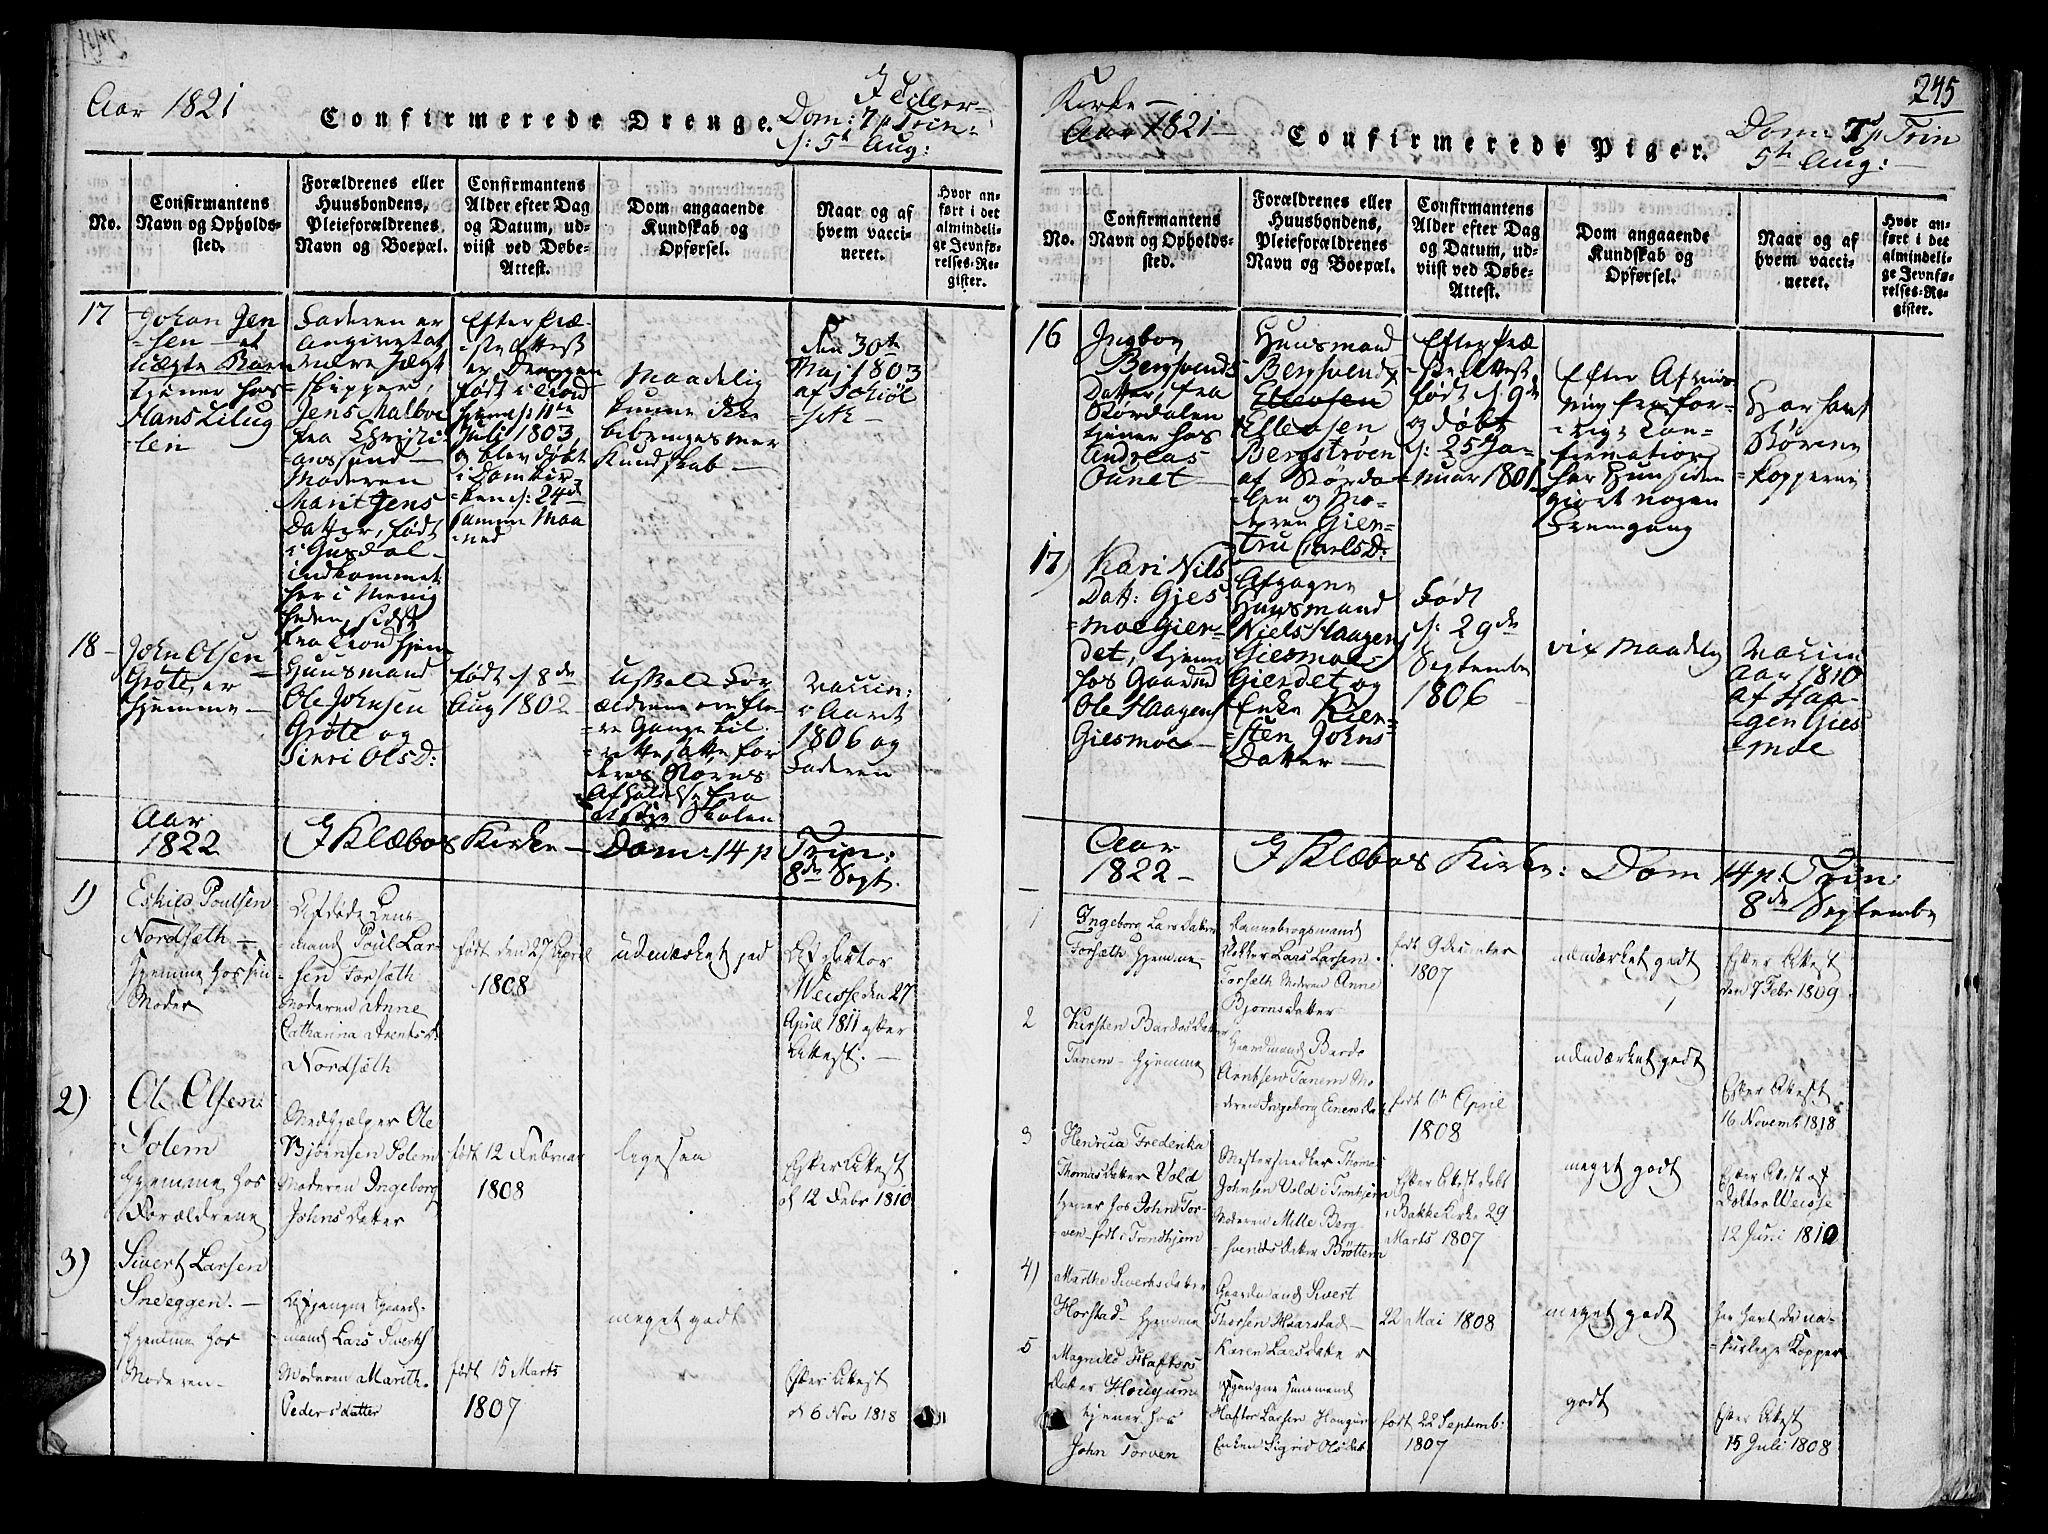 SAT, Ministerialprotokoller, klokkerbøker og fødselsregistre - Sør-Trøndelag, 618/L0439: Ministerialbok nr. 618A04 /1, 1816-1843, s. 245